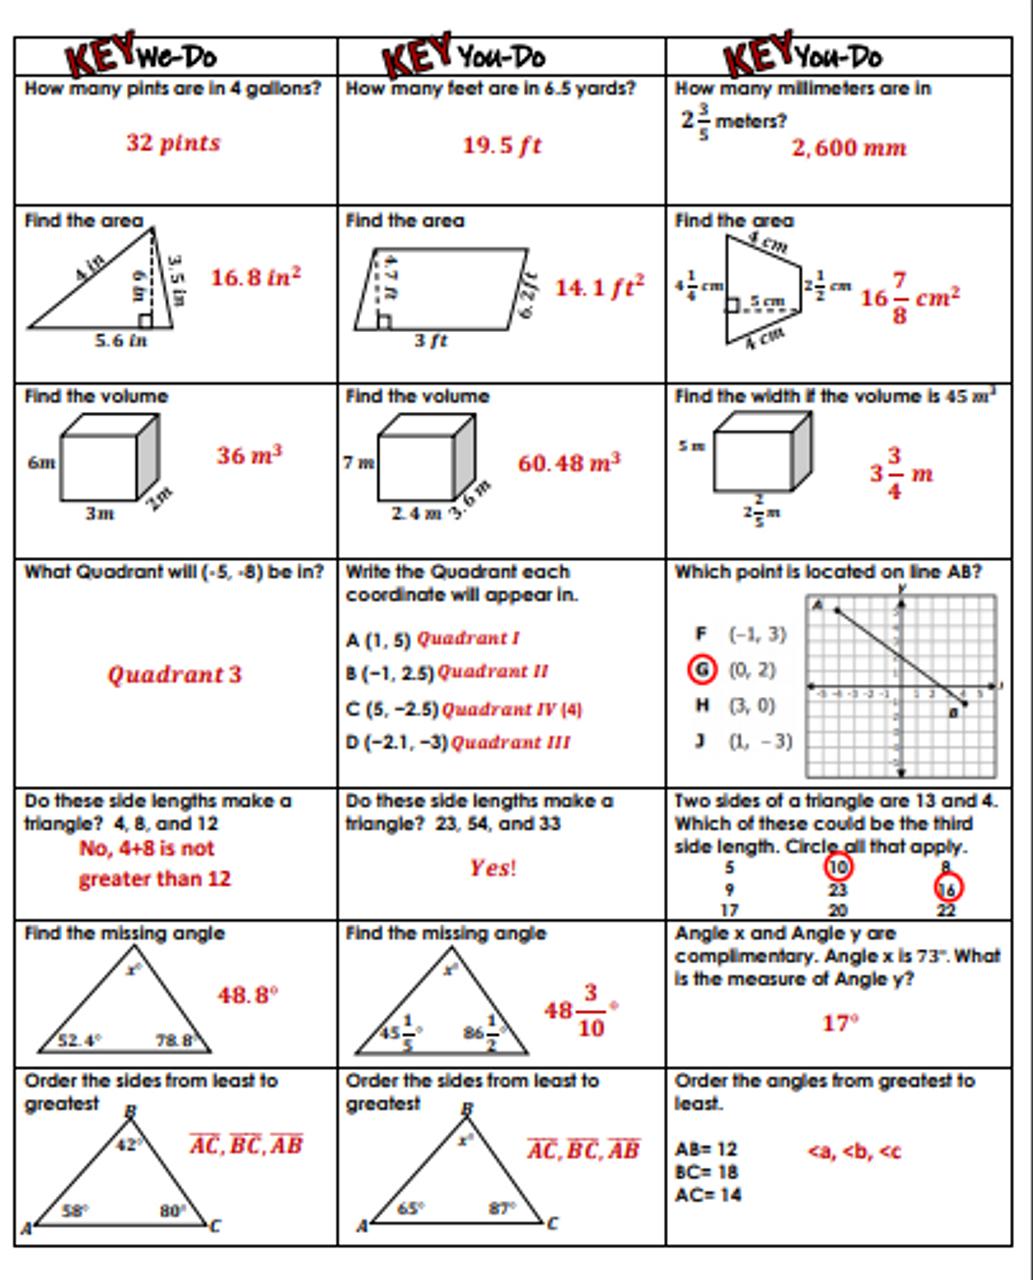 medium resolution of 6th Grade Geometry Review- We-Do